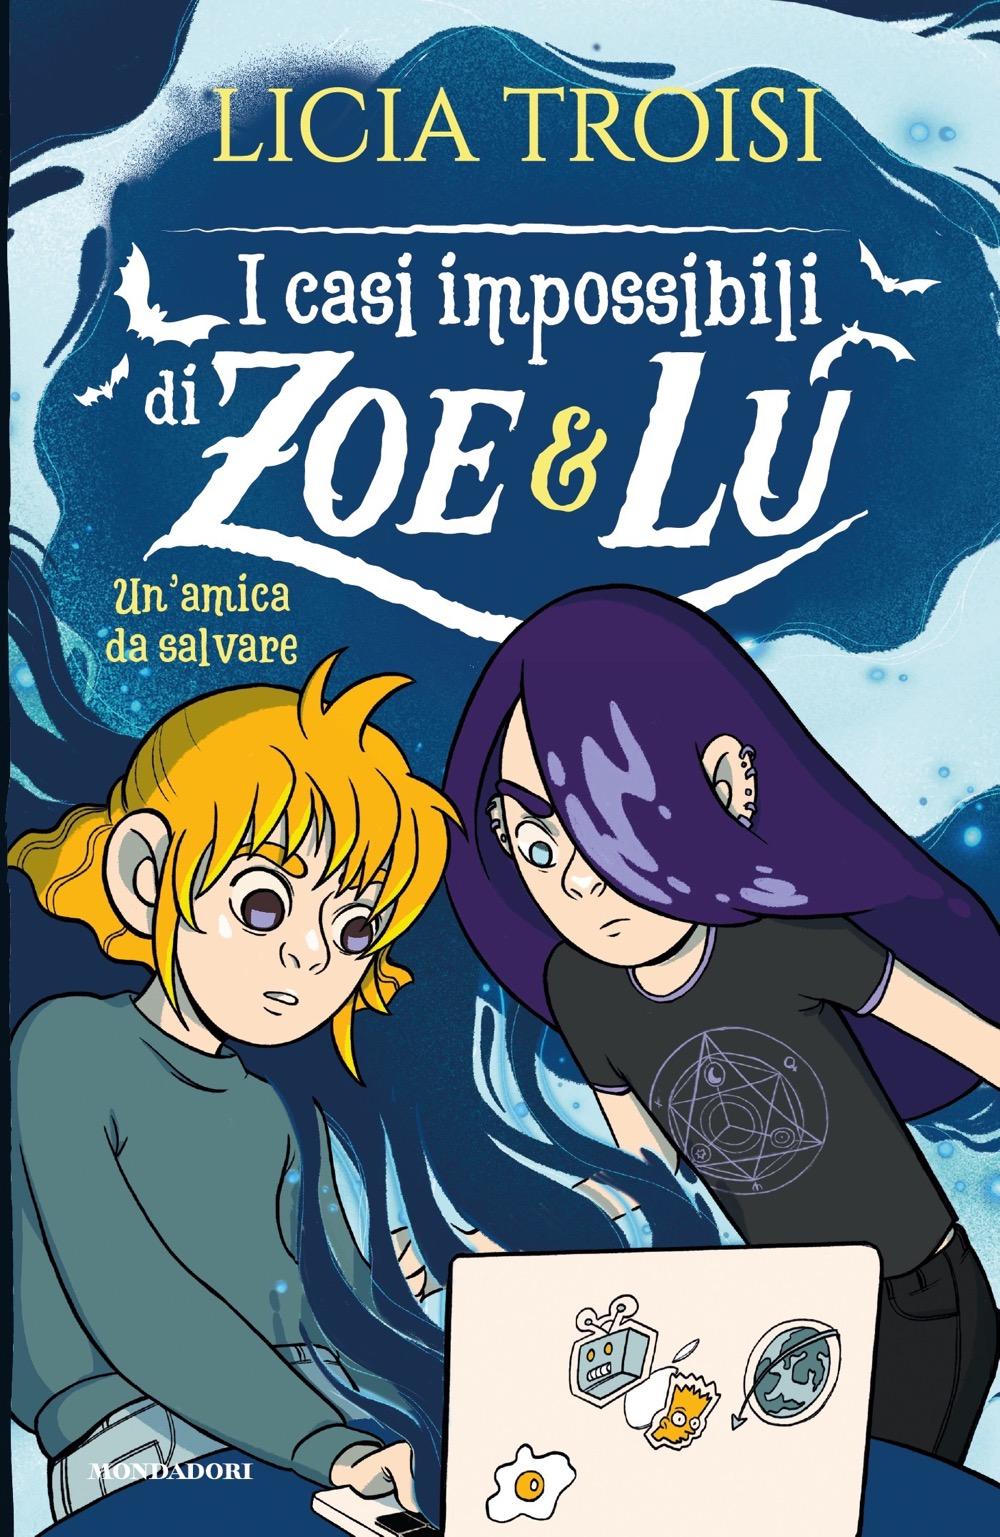 I casi impossibili di Zoe&Lu (THE IMPOSSIBLE CASES OF ZOE & LU)